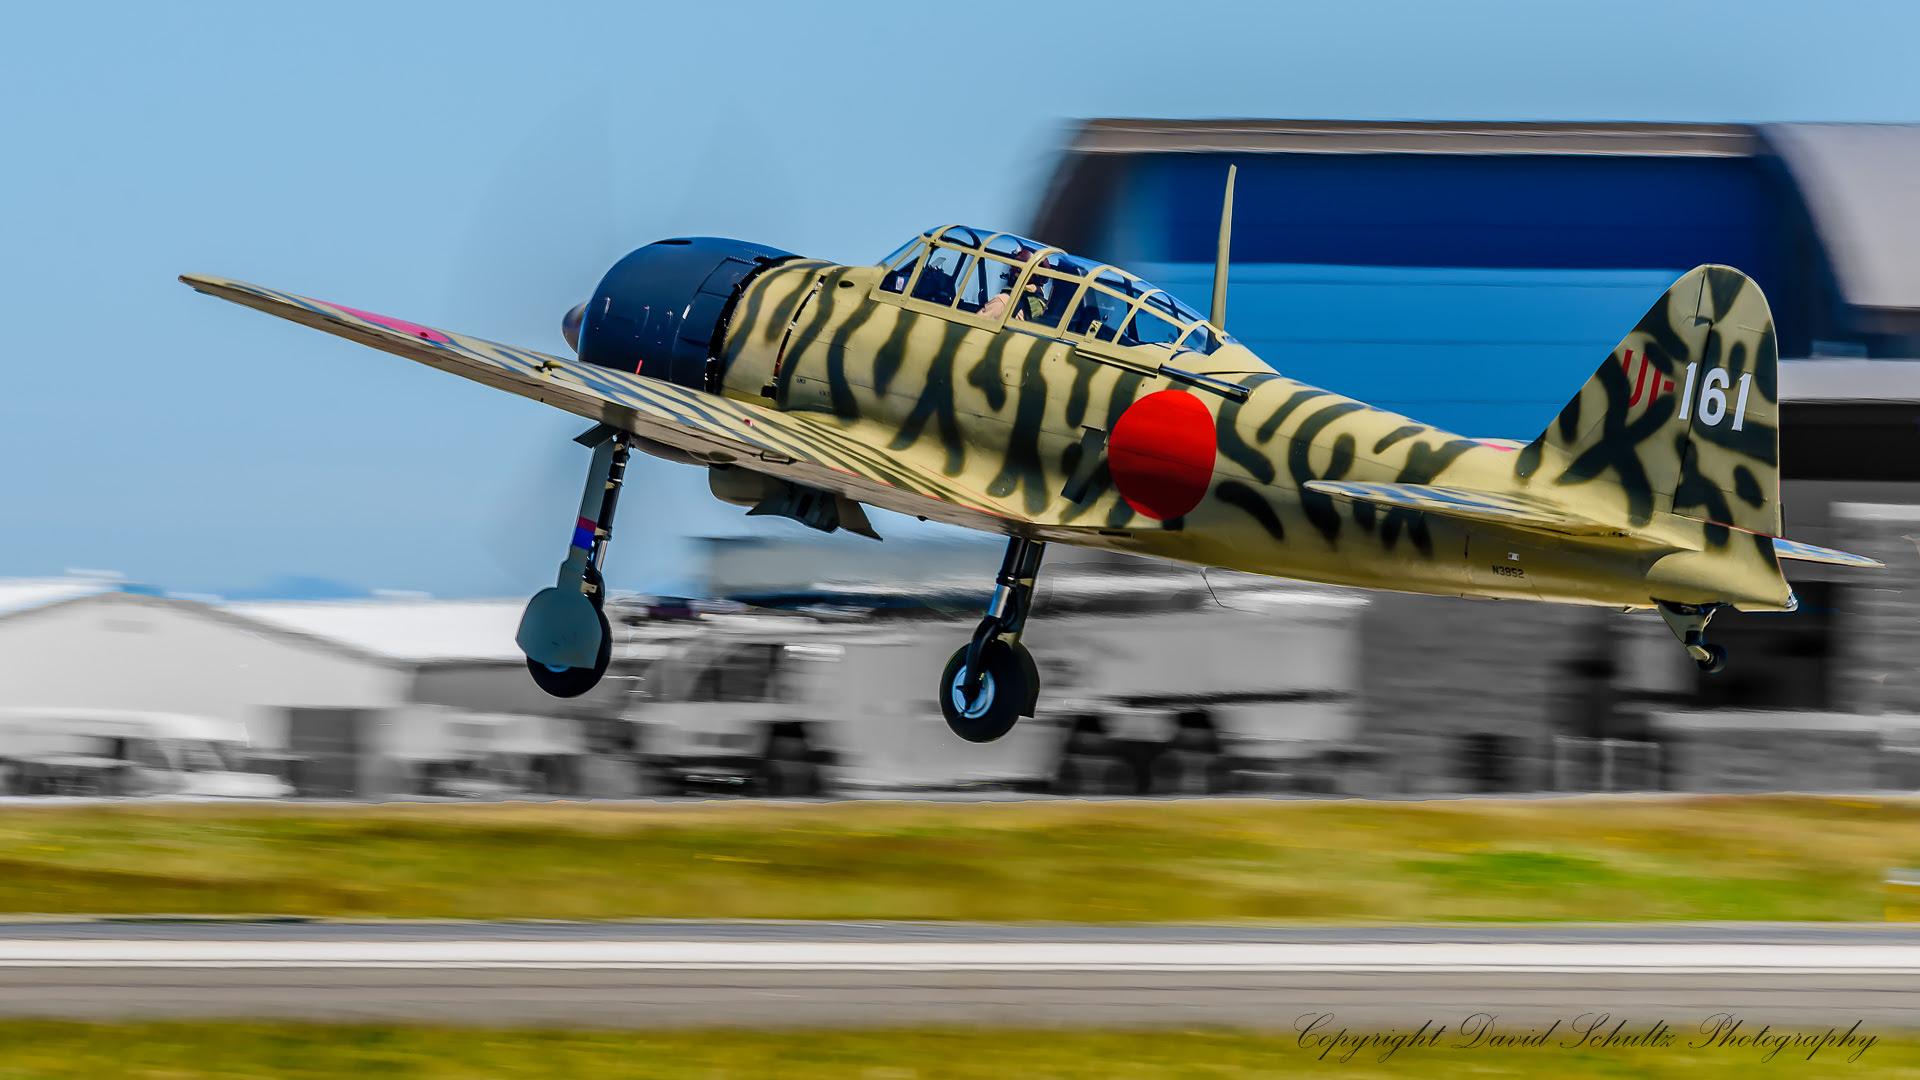 Grumman F6F-5 Hellcat NX79863 [1920*1080]